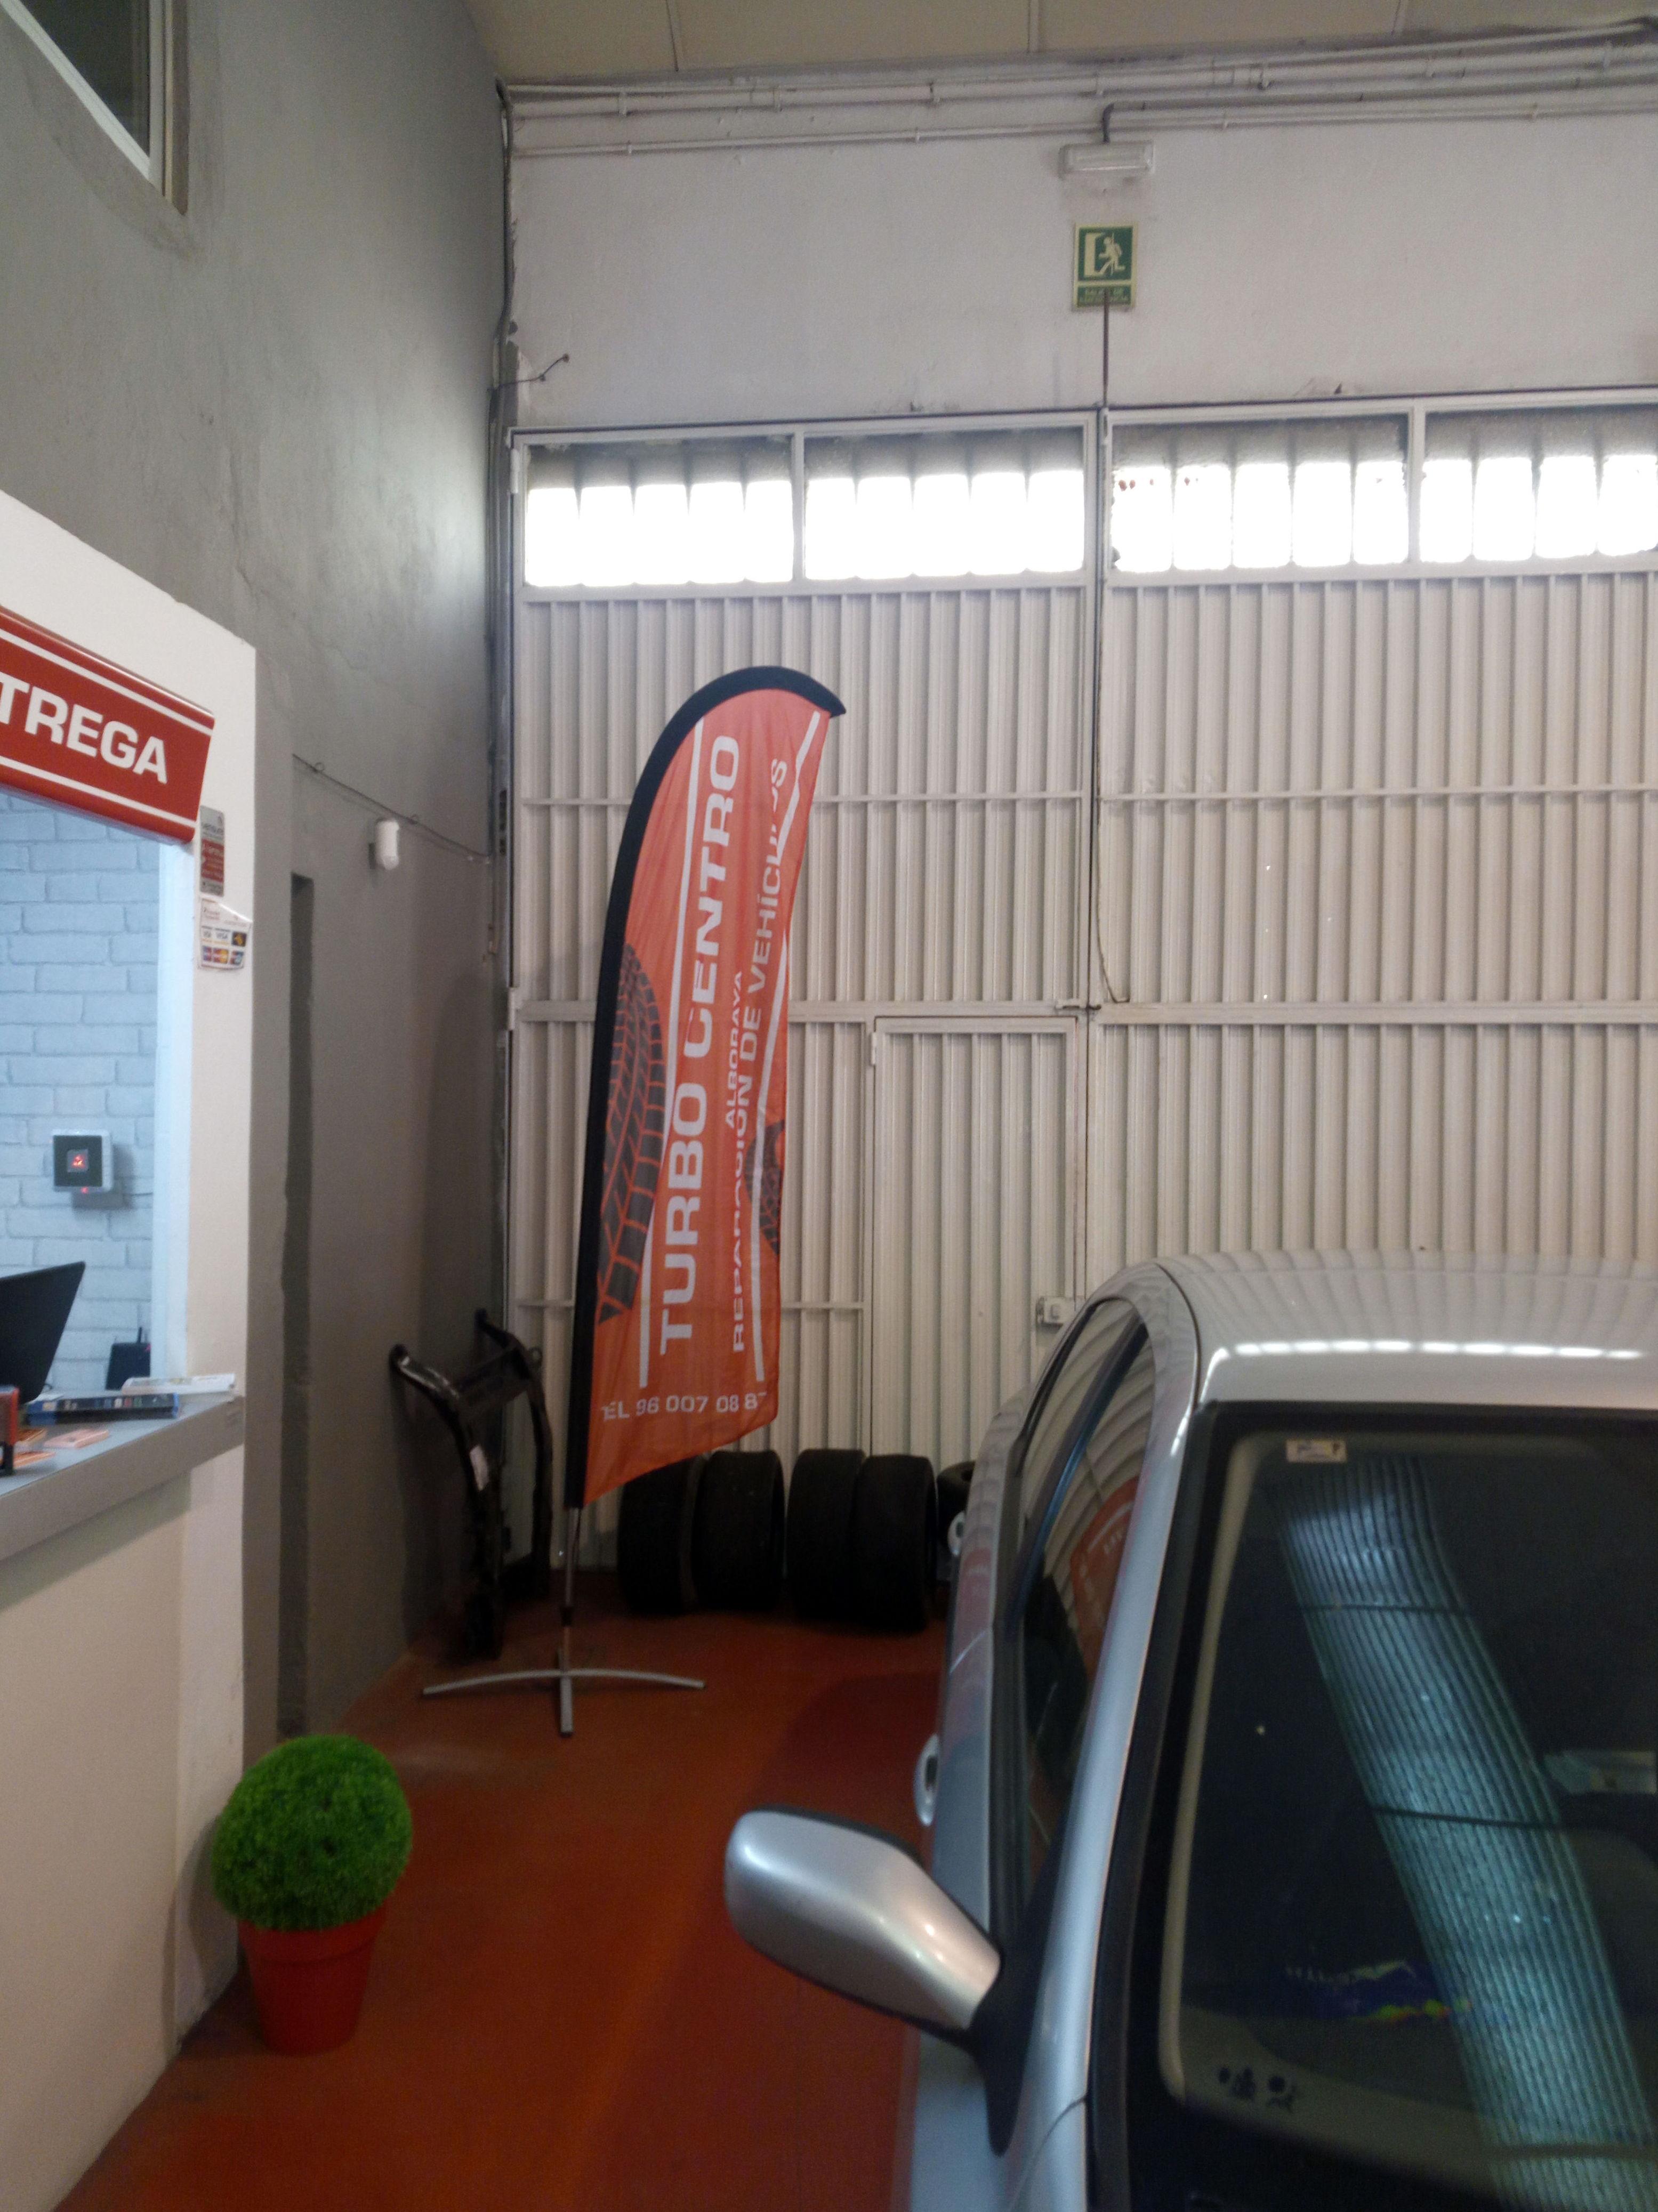 Revisiones y mantenimiento del automóvil en Turbo Centro, Alboraya